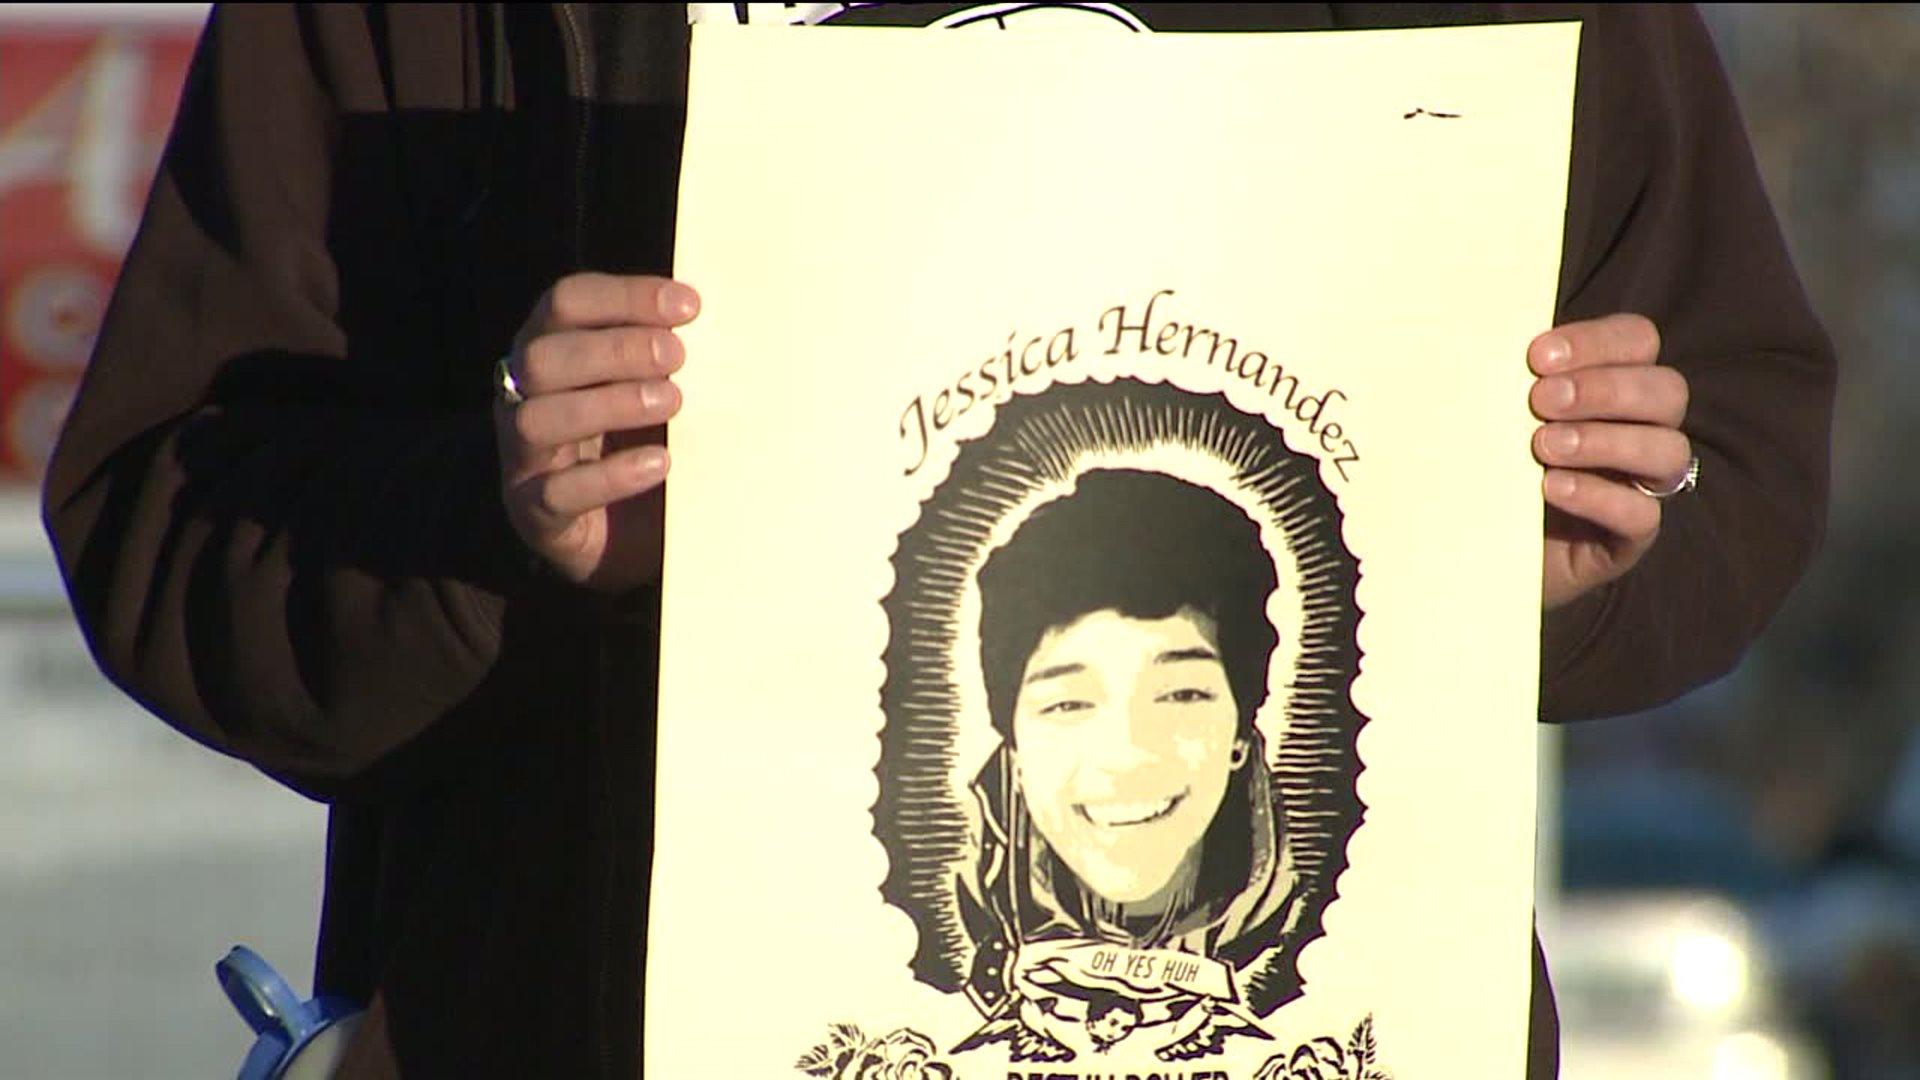 Rally for Jessie Hernandez